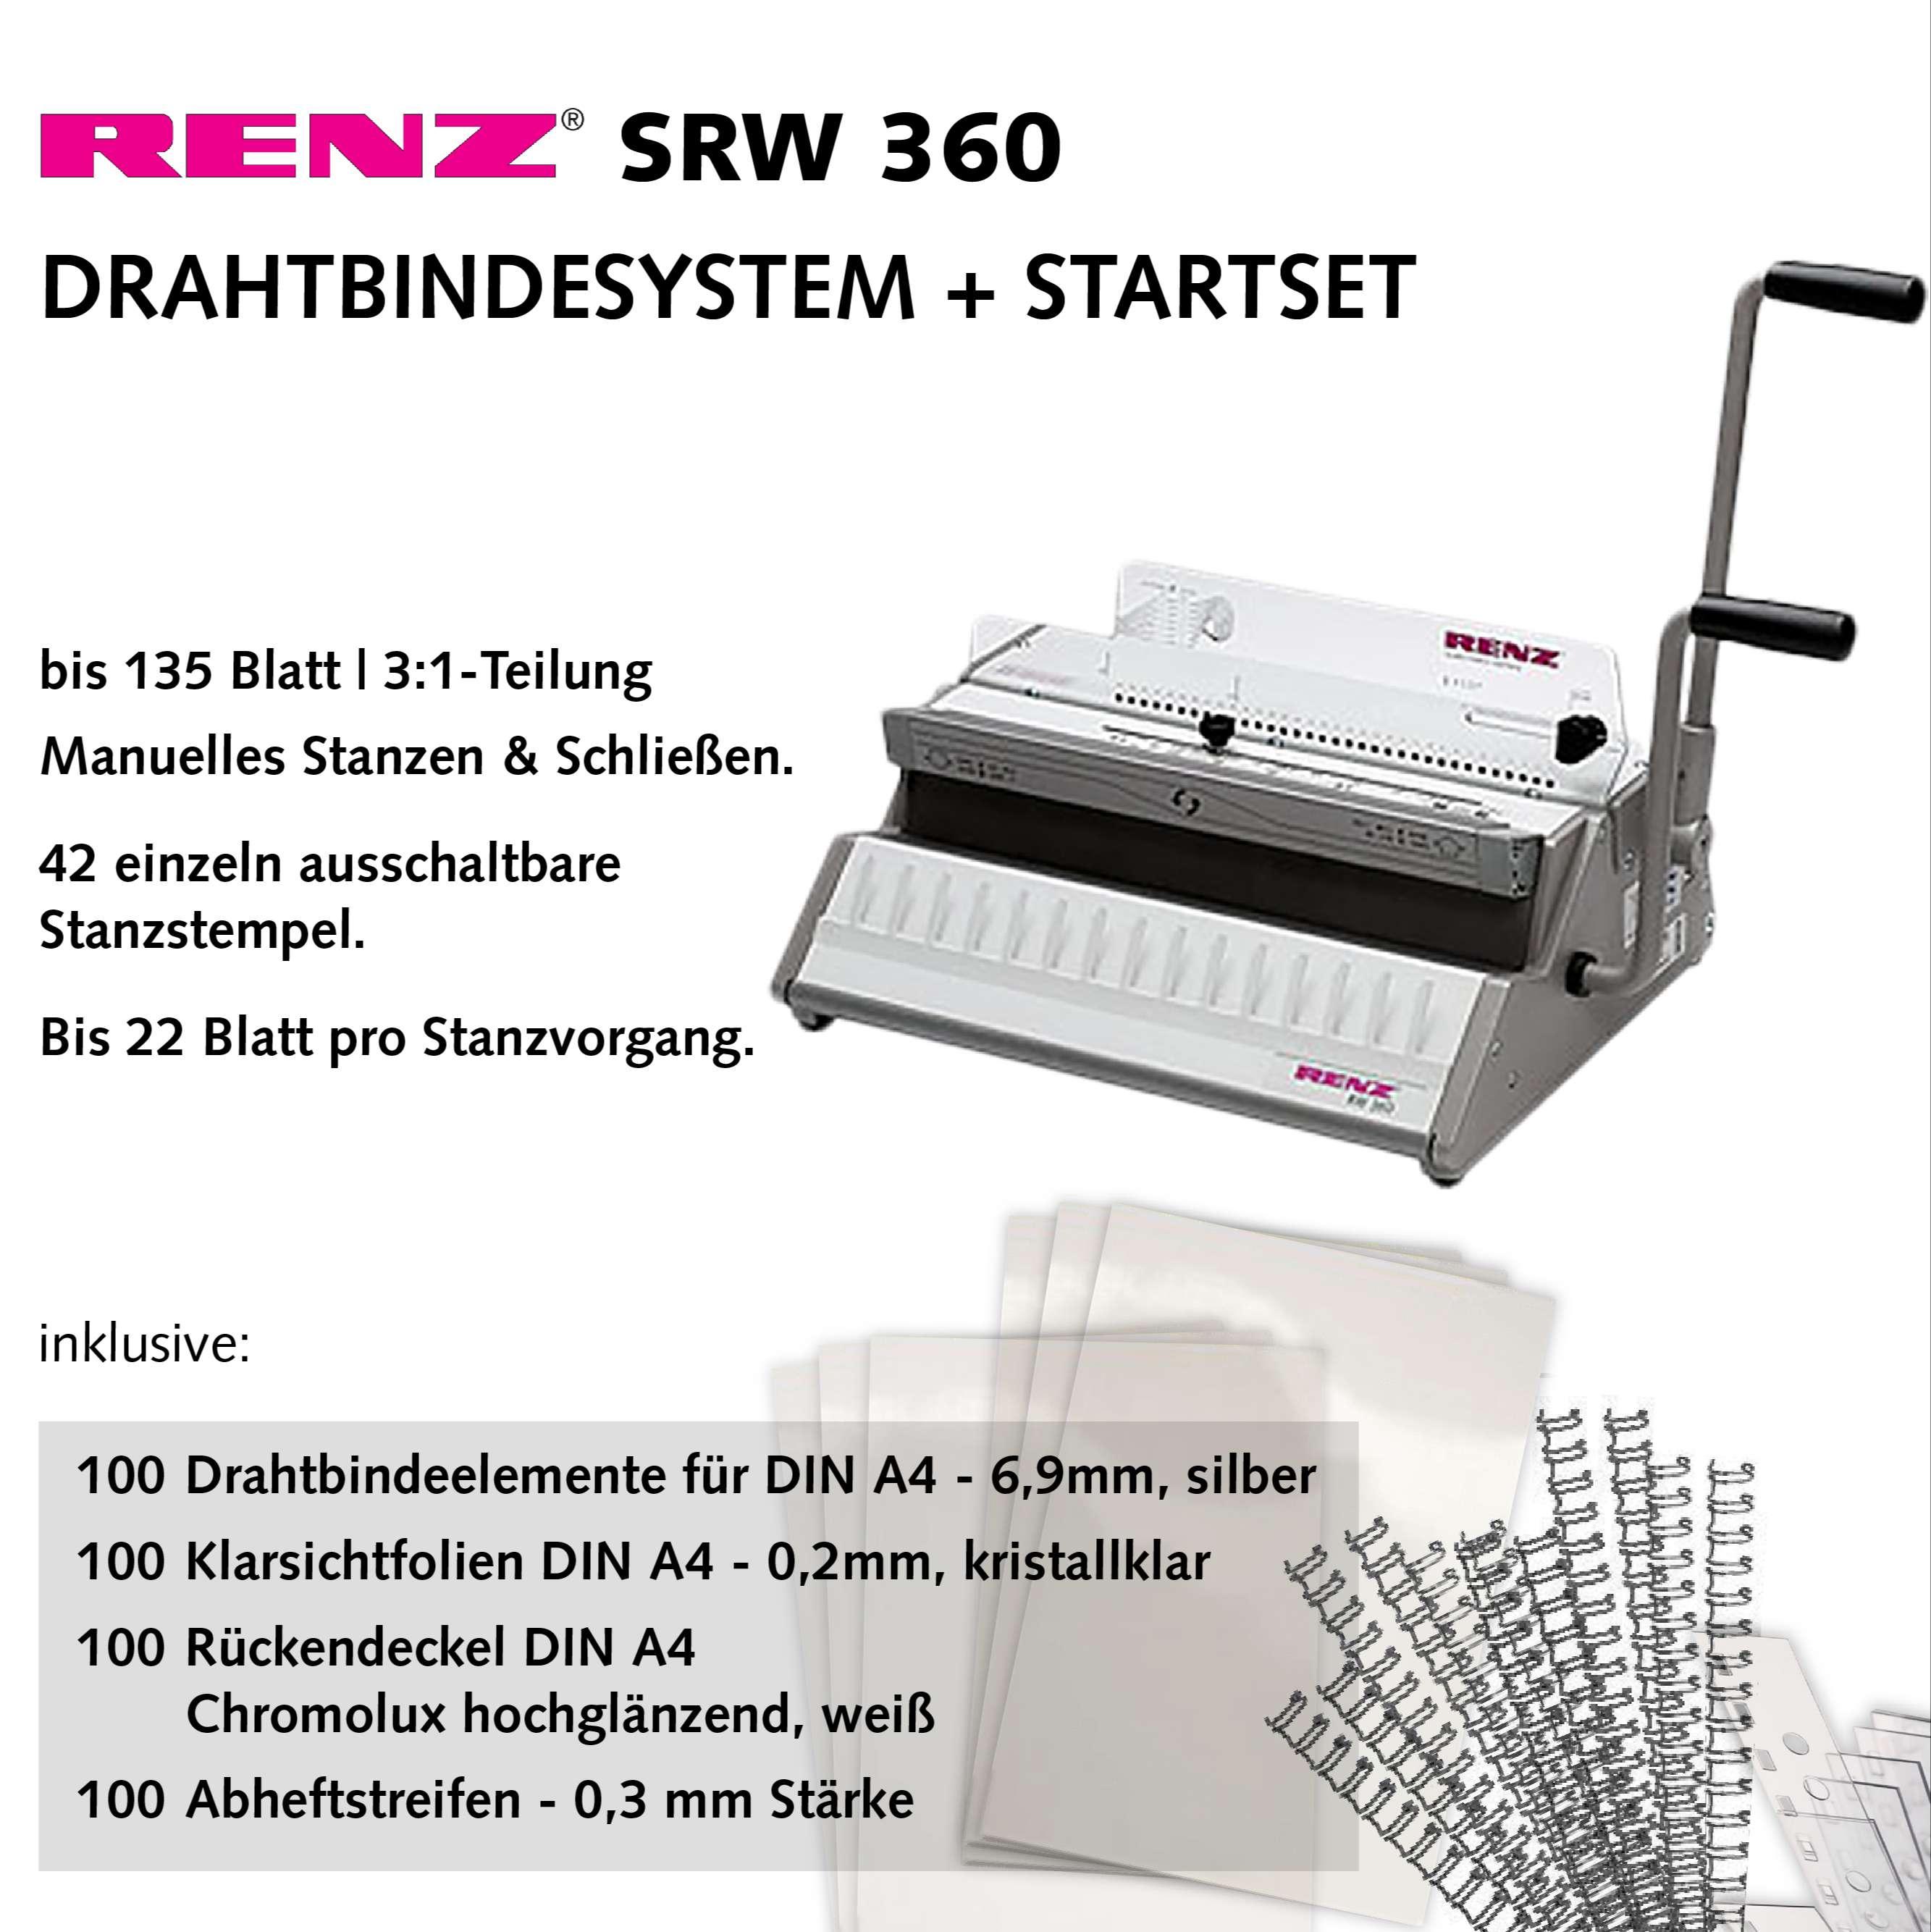 RENZ SRW 360 Bindesystem - Starterset